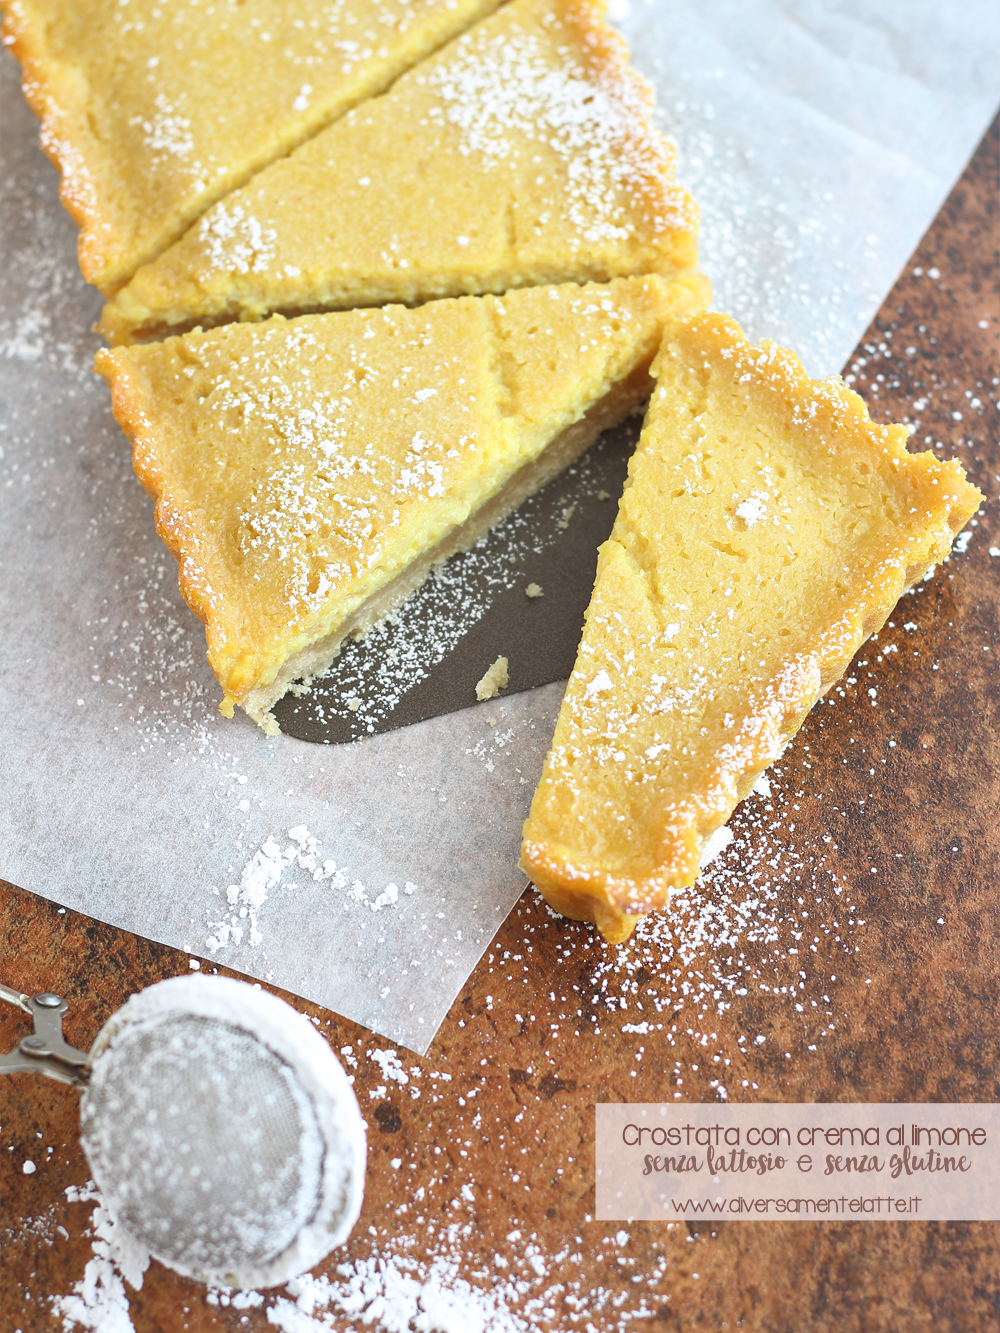 crostata con crema al limone senza lattosio senza glutine